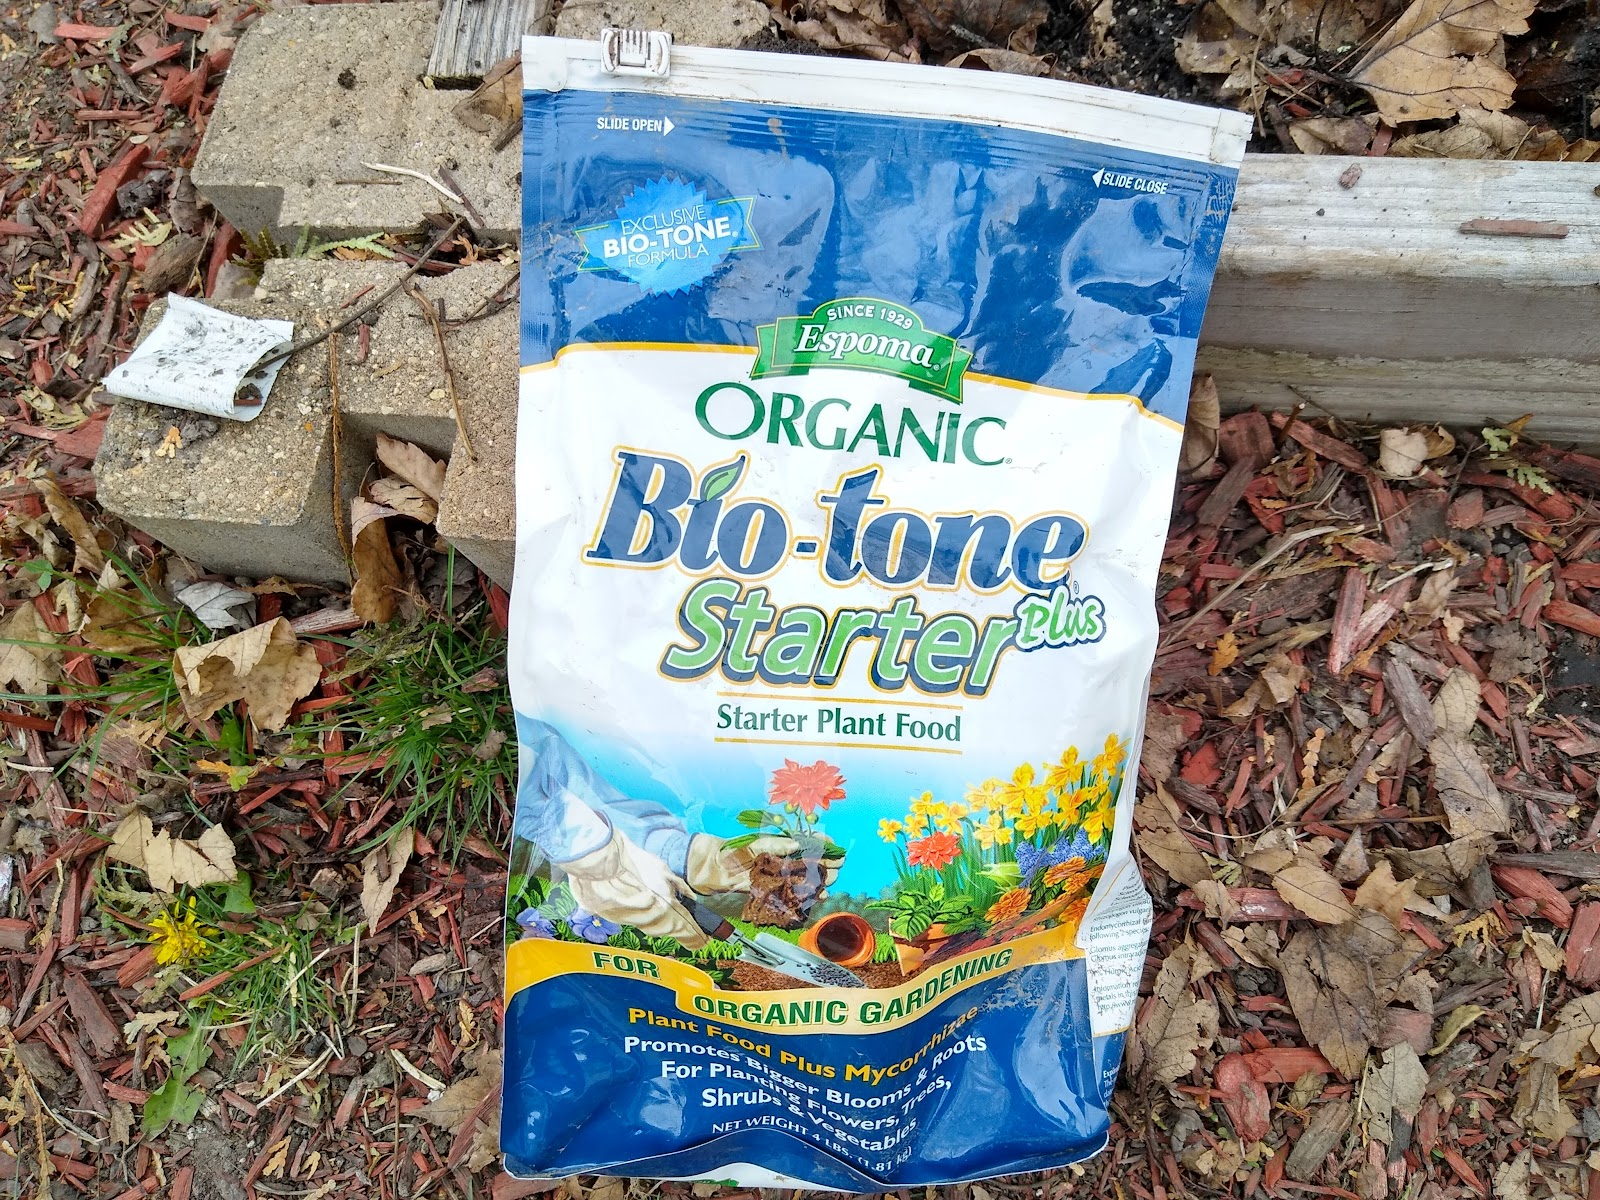 Bio-tone starter fertilizer picture